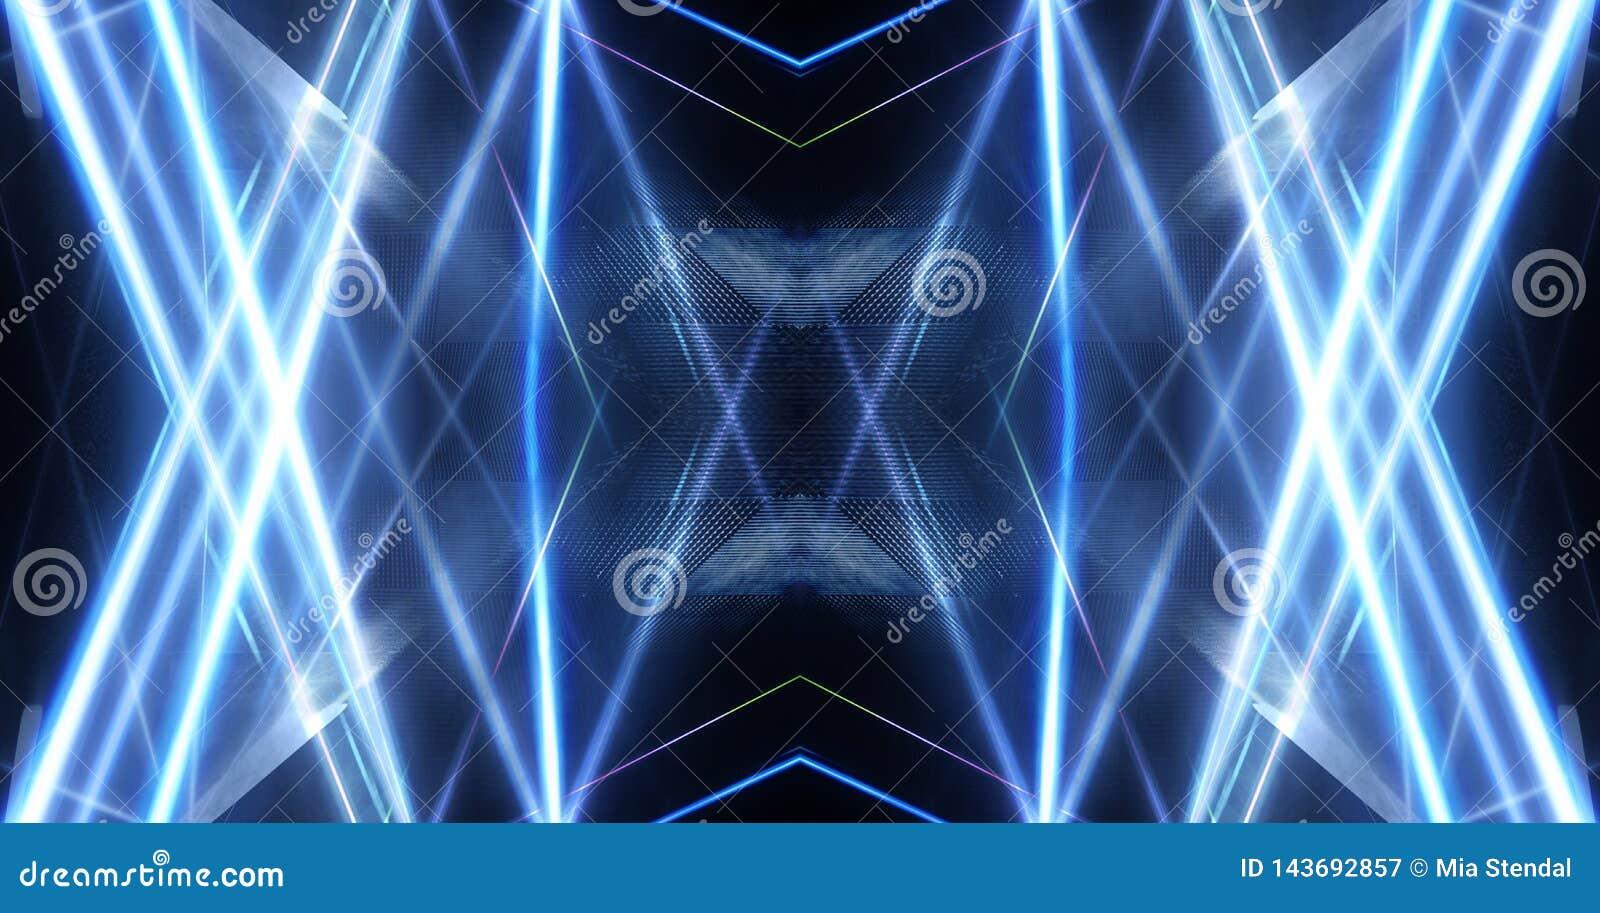 Abstracte blauwe achtergrond met stralen van neonlicht, schijnwerper, bezinning op het asfalt